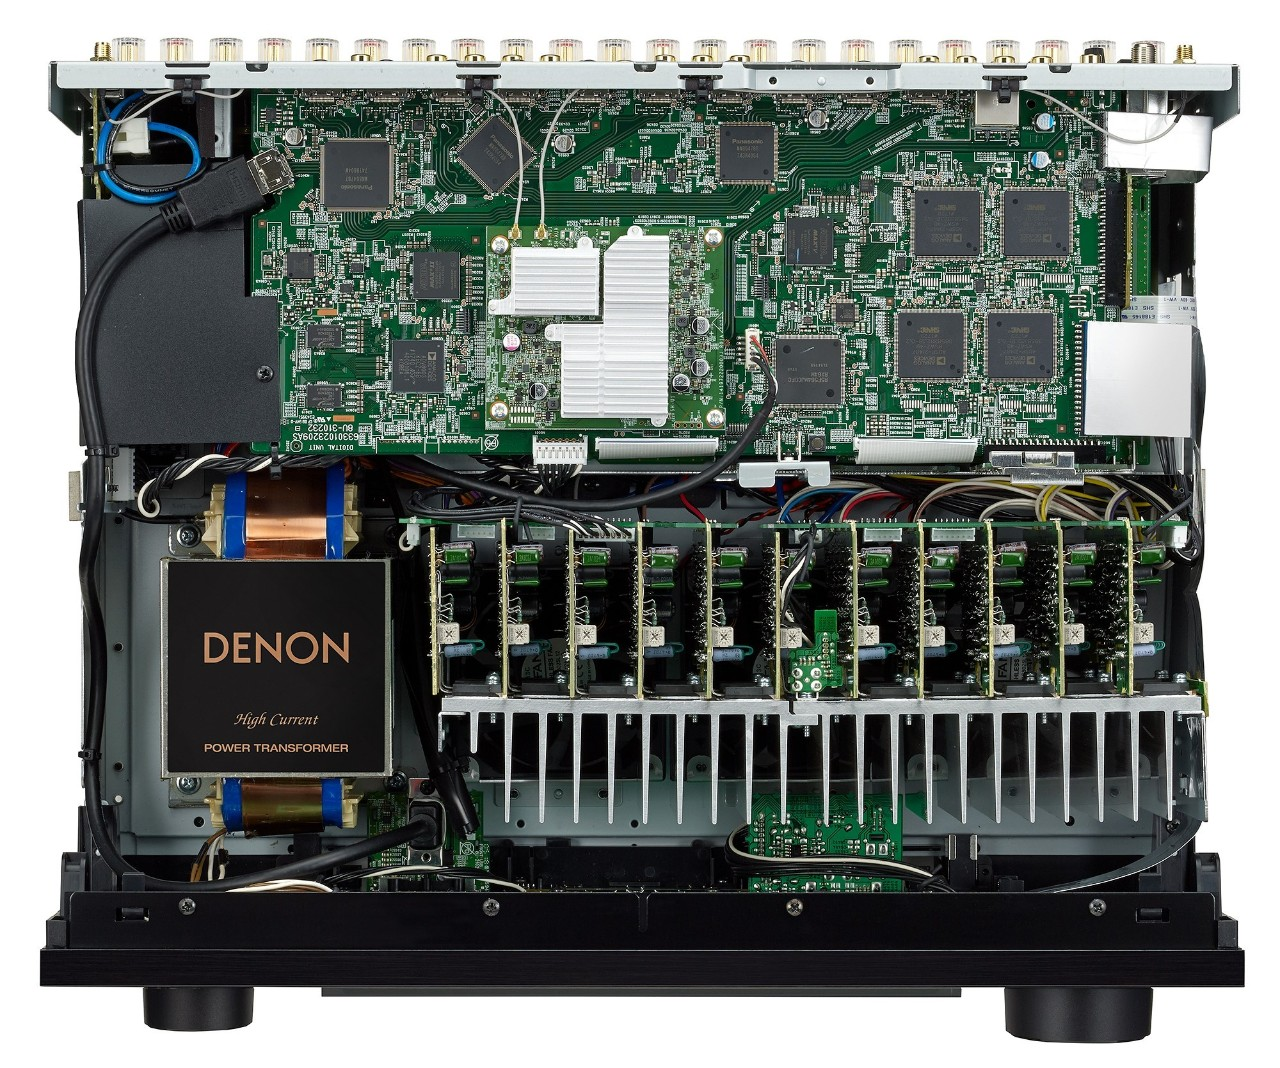 640 140 - 新品   全新11.2声道AV接收机AVC-X6500H,可通过苹果AirPlay Siri语音控制